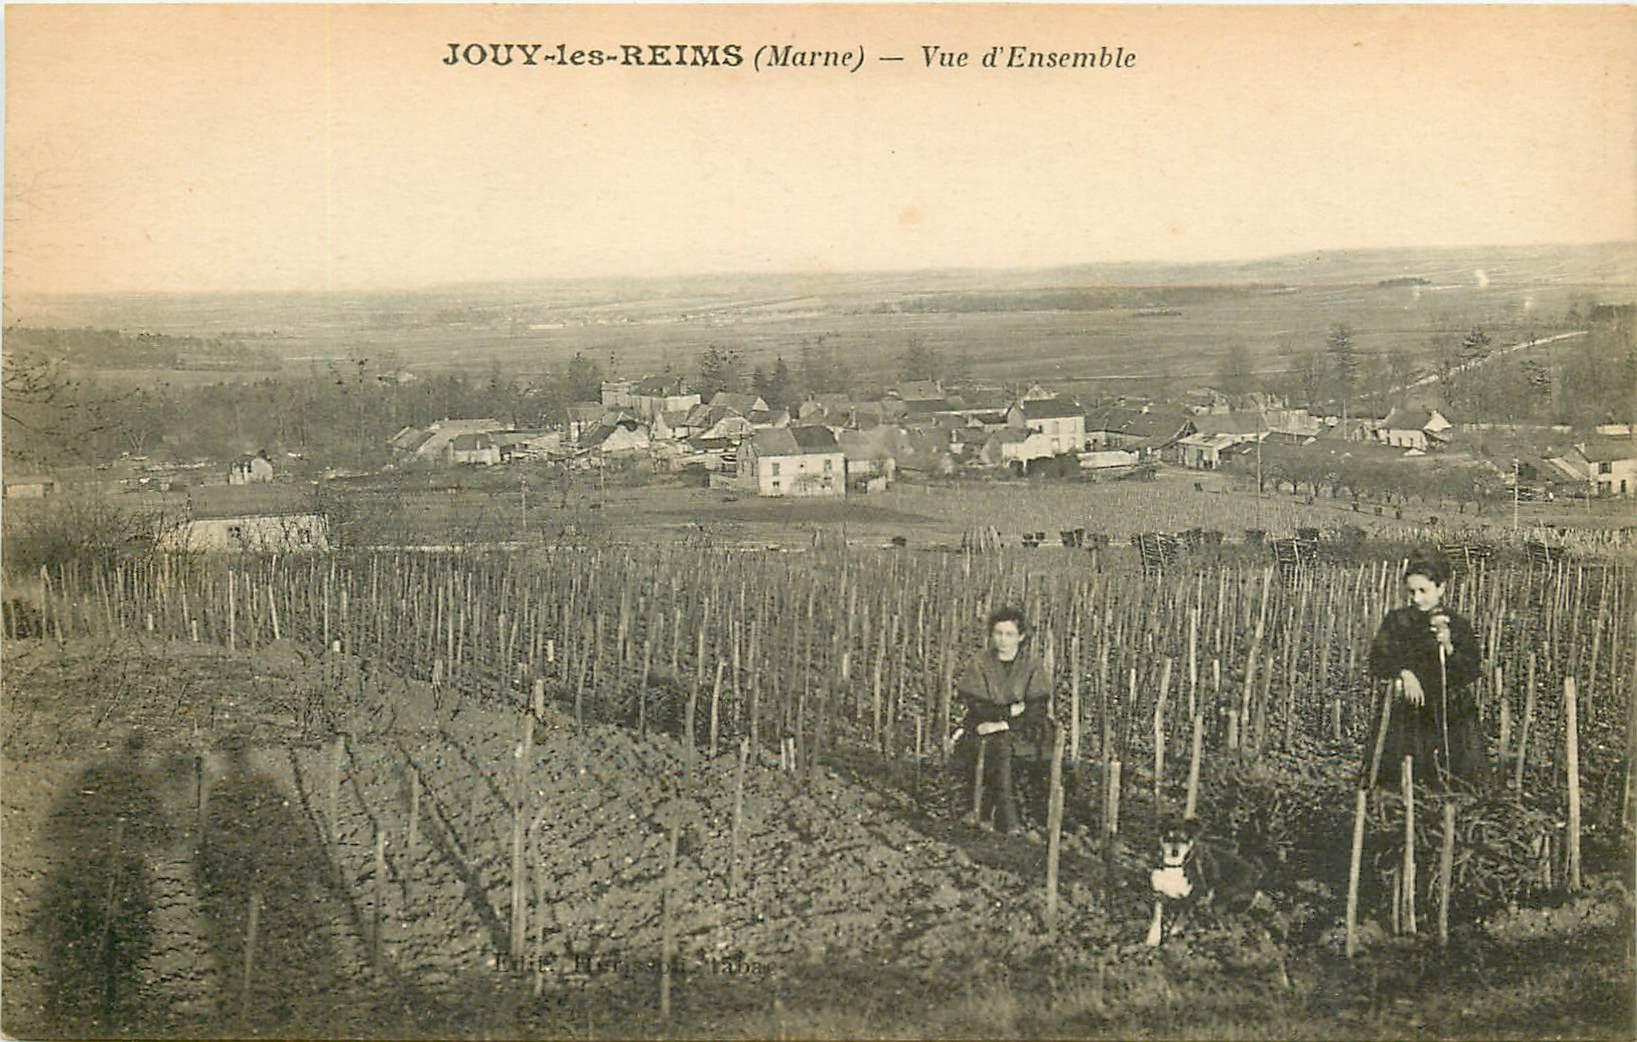 WW 51 JOUY-LES-REIMS. Vue d'ensemble sur les Vignes avec cultivatrices